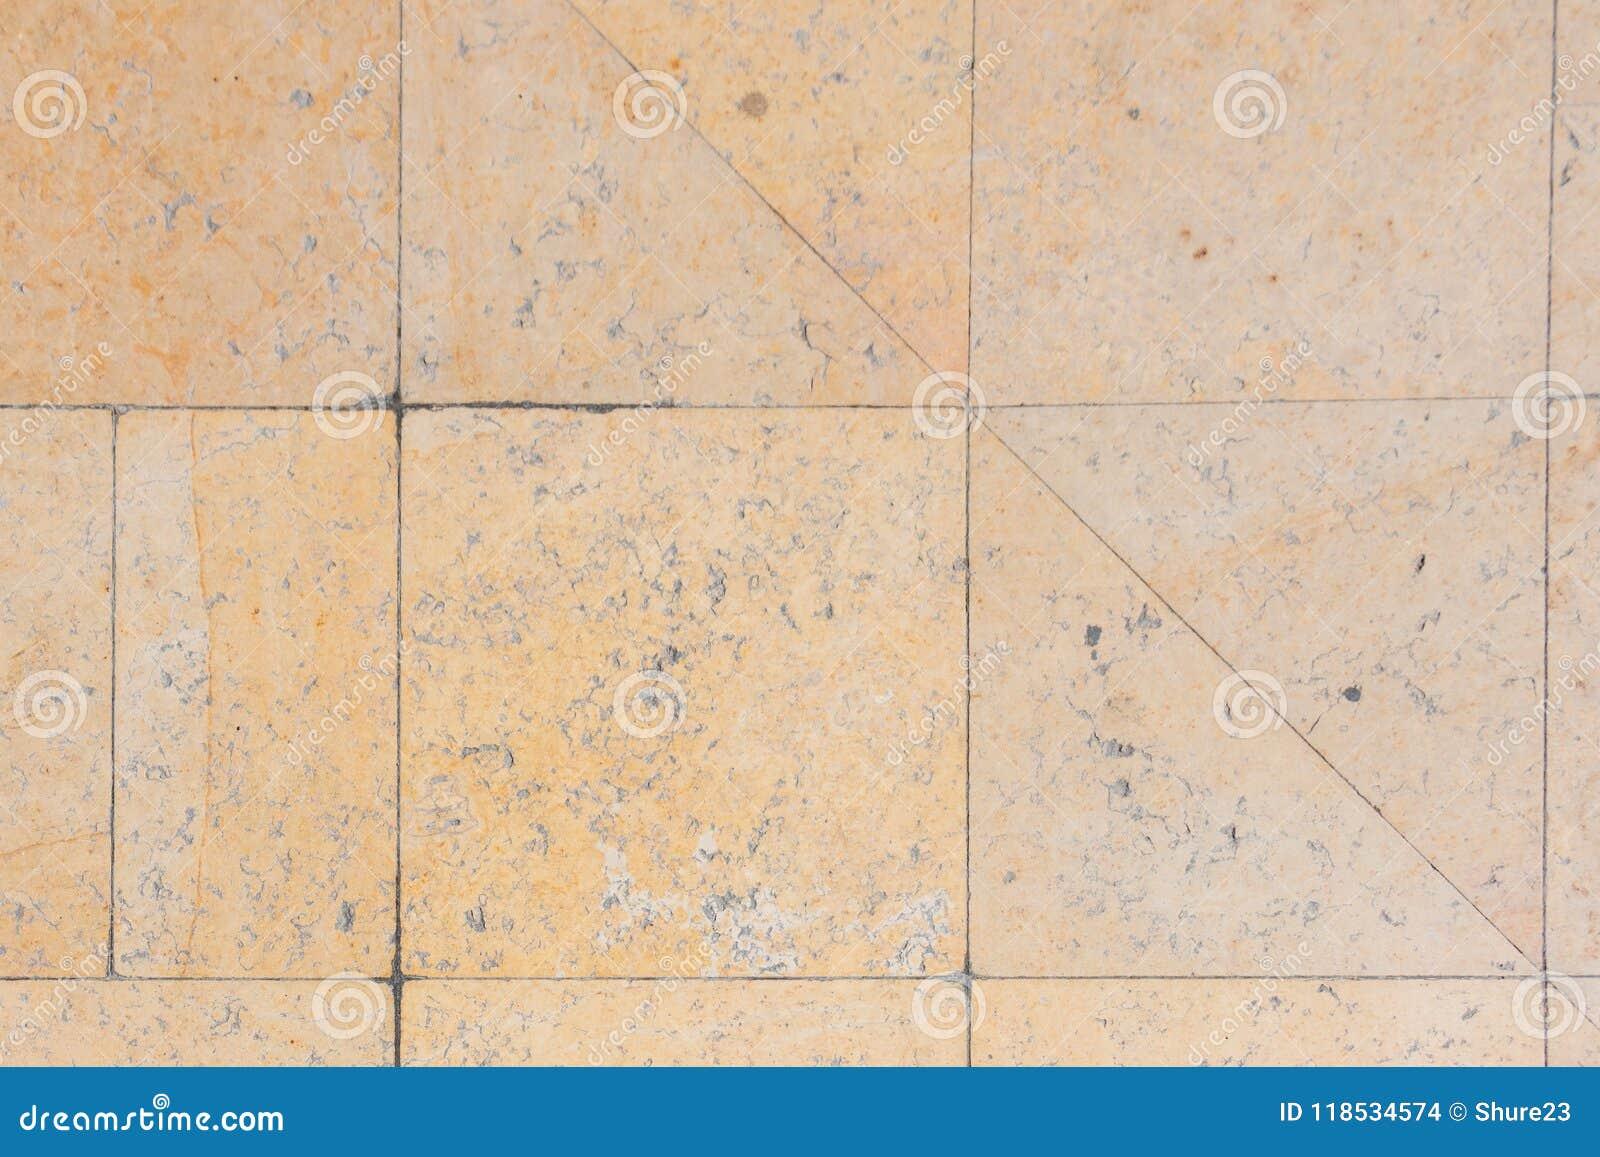 Old Marble Floor Tiles Texture Stock Photo Image Of Texture Patternn 118534574